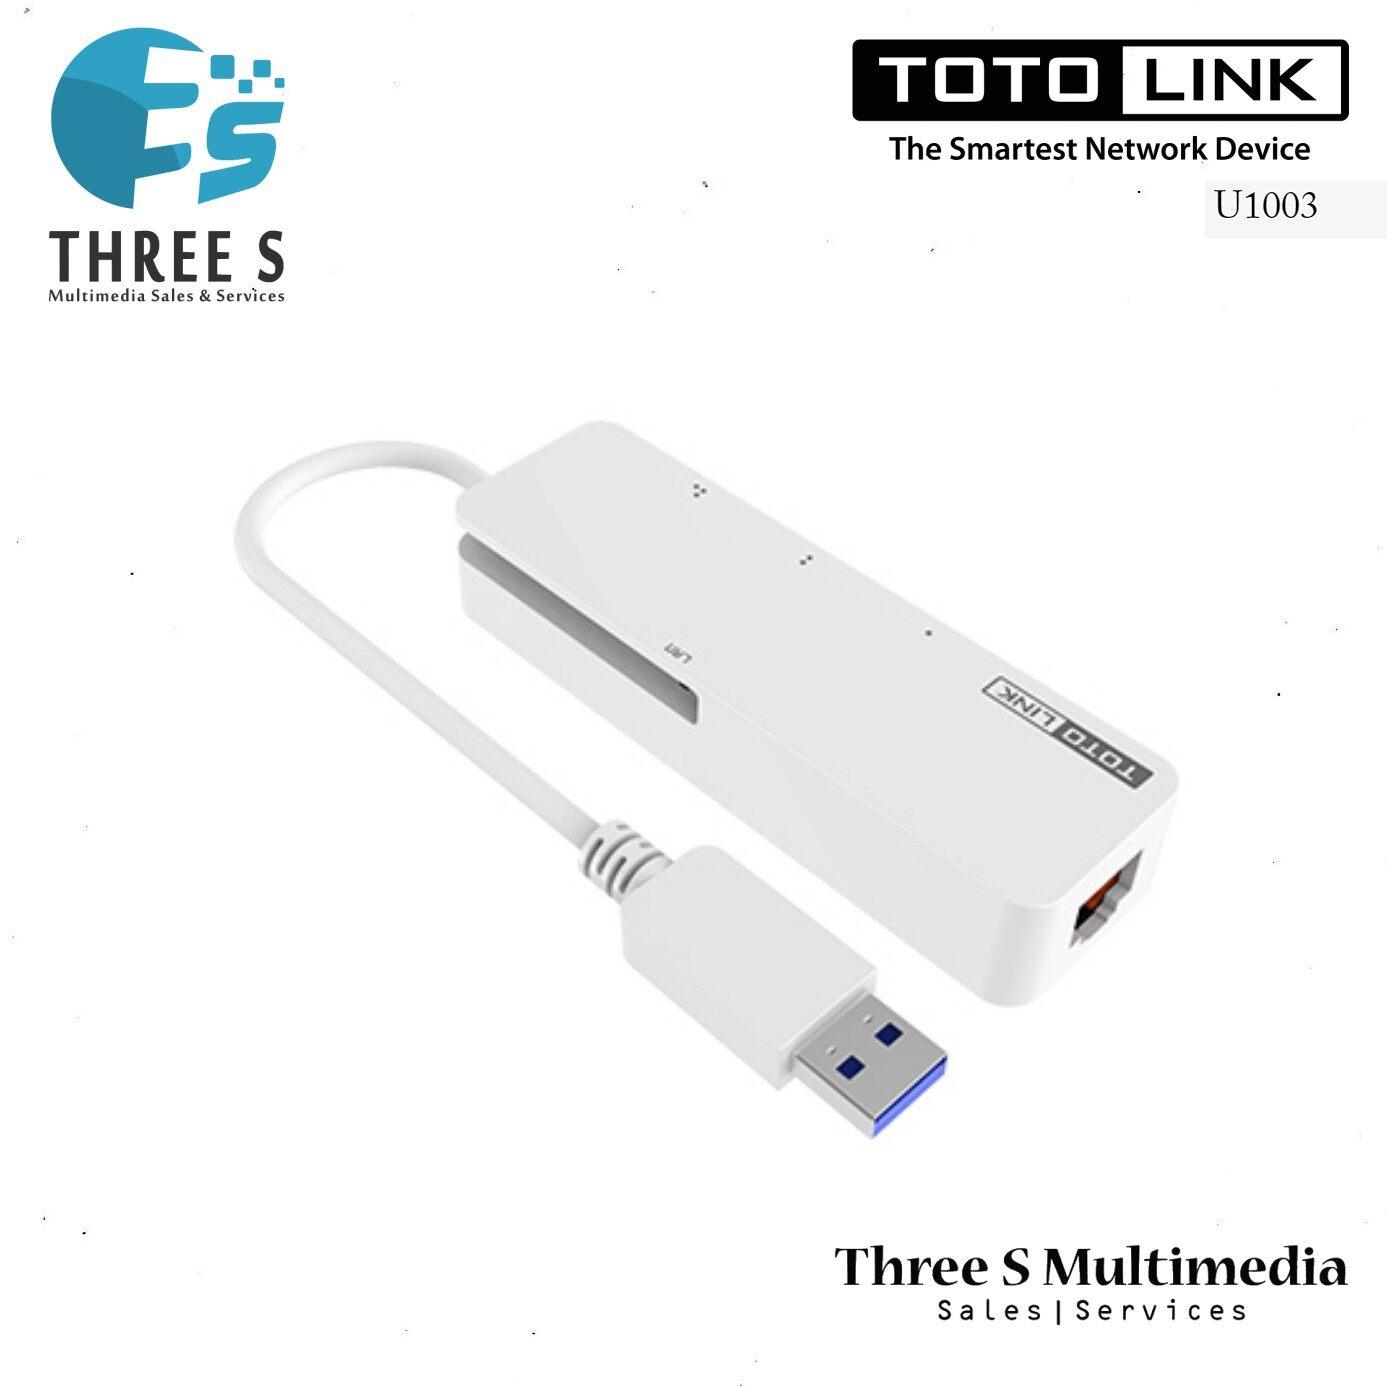 TOTO LINK 3-Port USB 3.0 Hub with RJ45 Gigabit Ethernet Adapter U1003